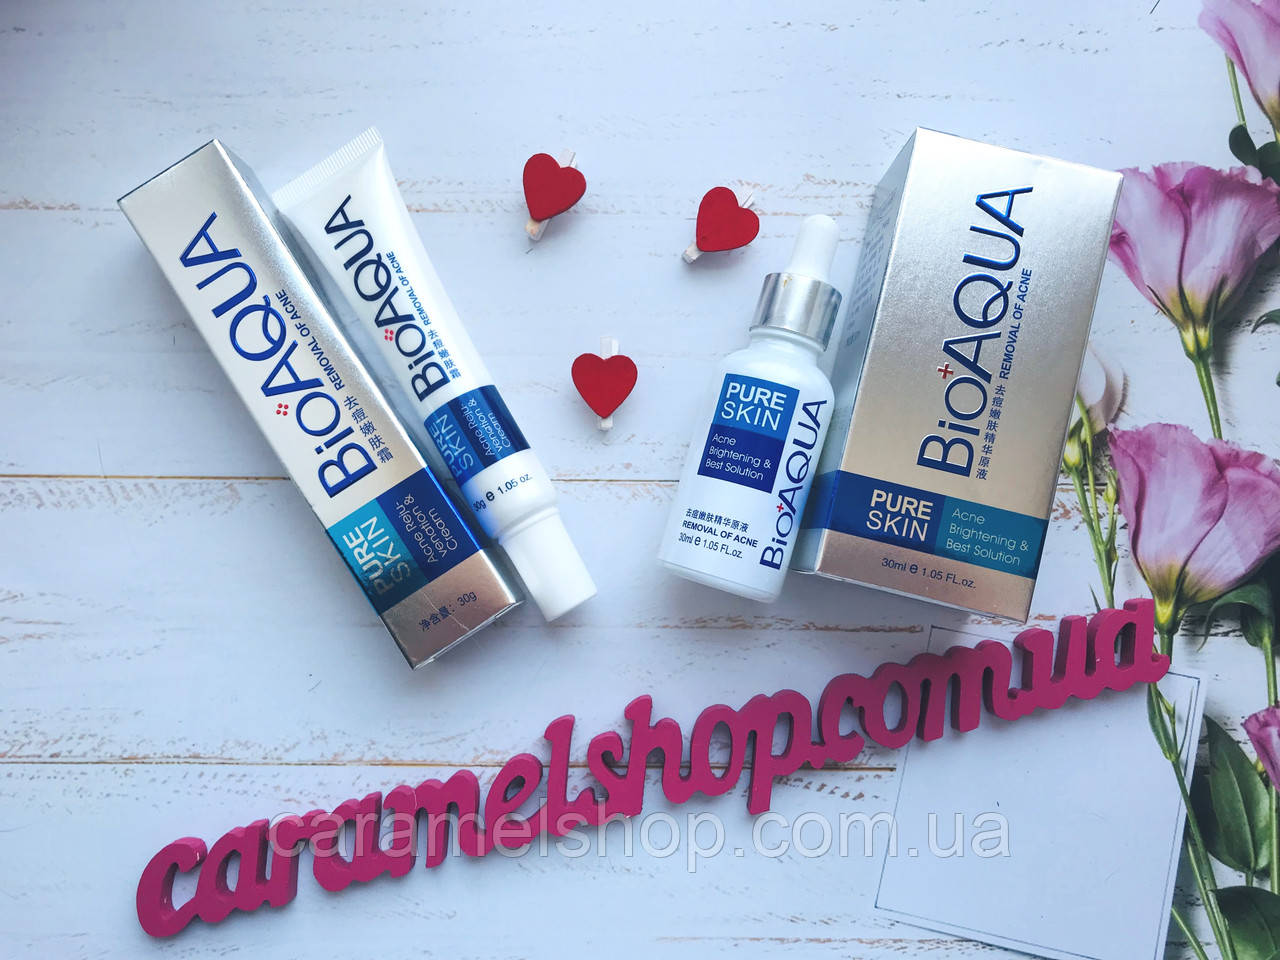 Набор анти-акне для проблемной кожи BIOAQUA Pure Skin Anti Acne 2 в 1 сыворотка + крем